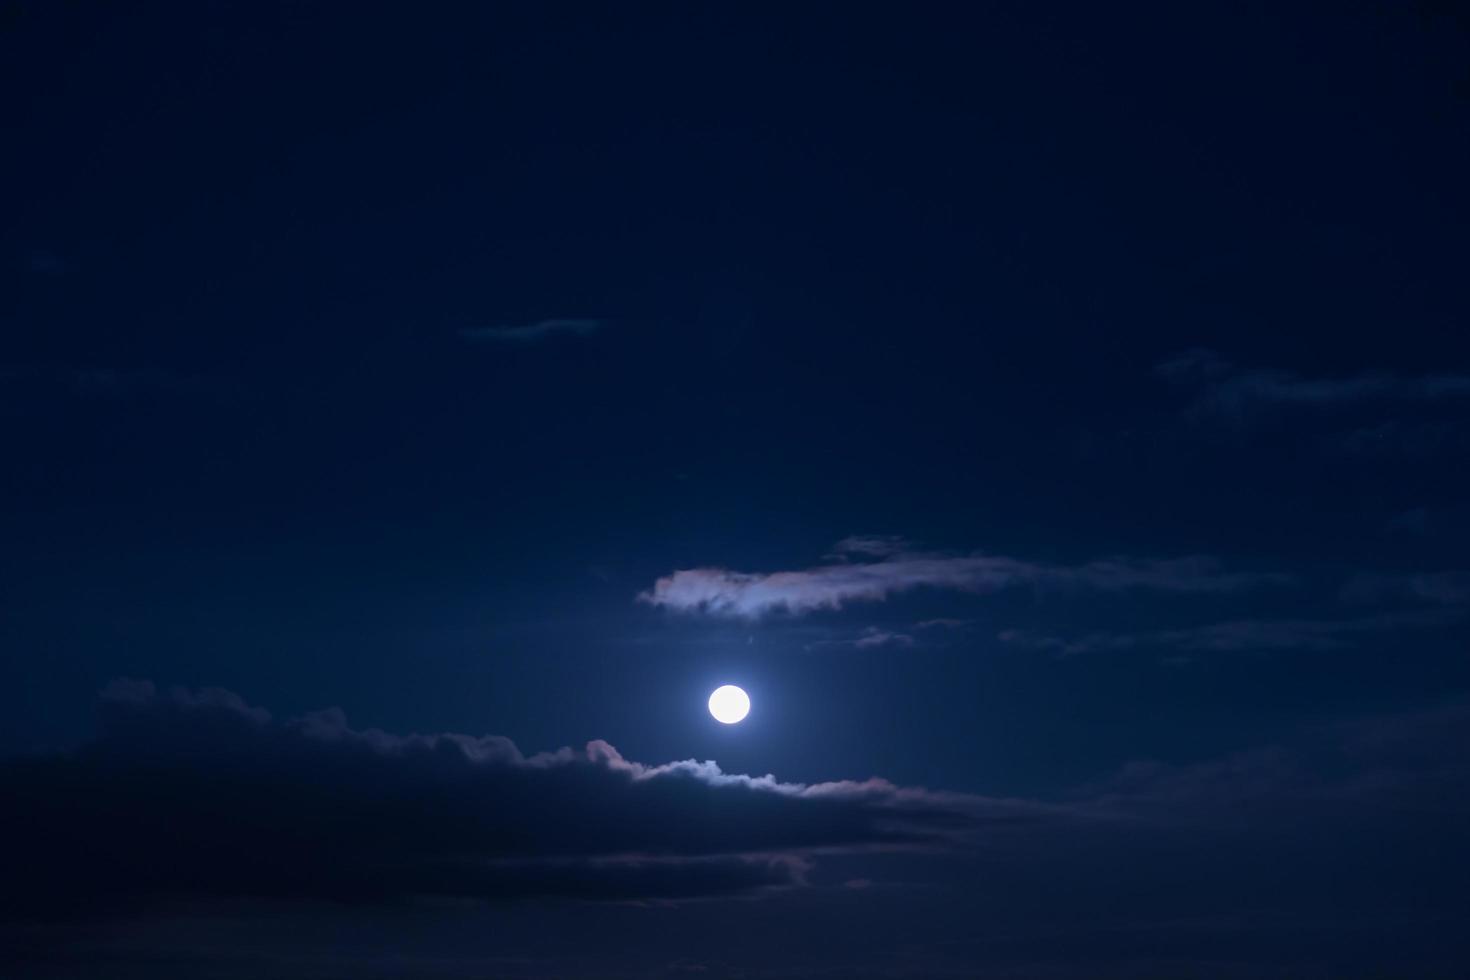 luna llena en el cielo foto